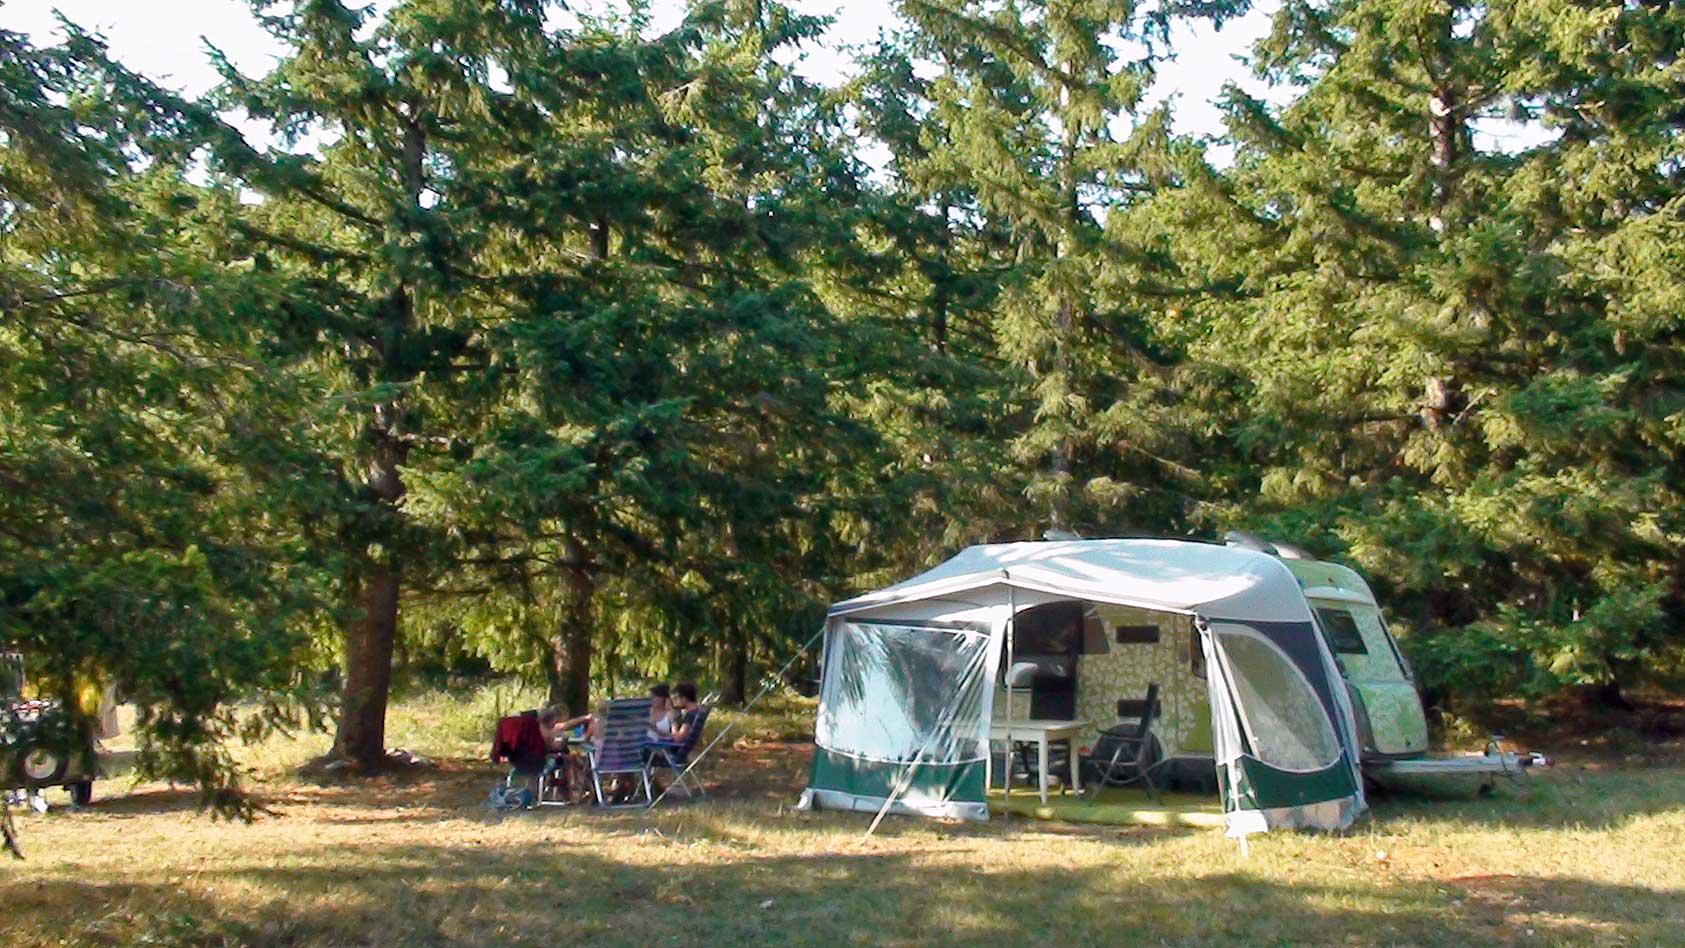 camping-duplex-spruces-sparren-picknick-2-WEB